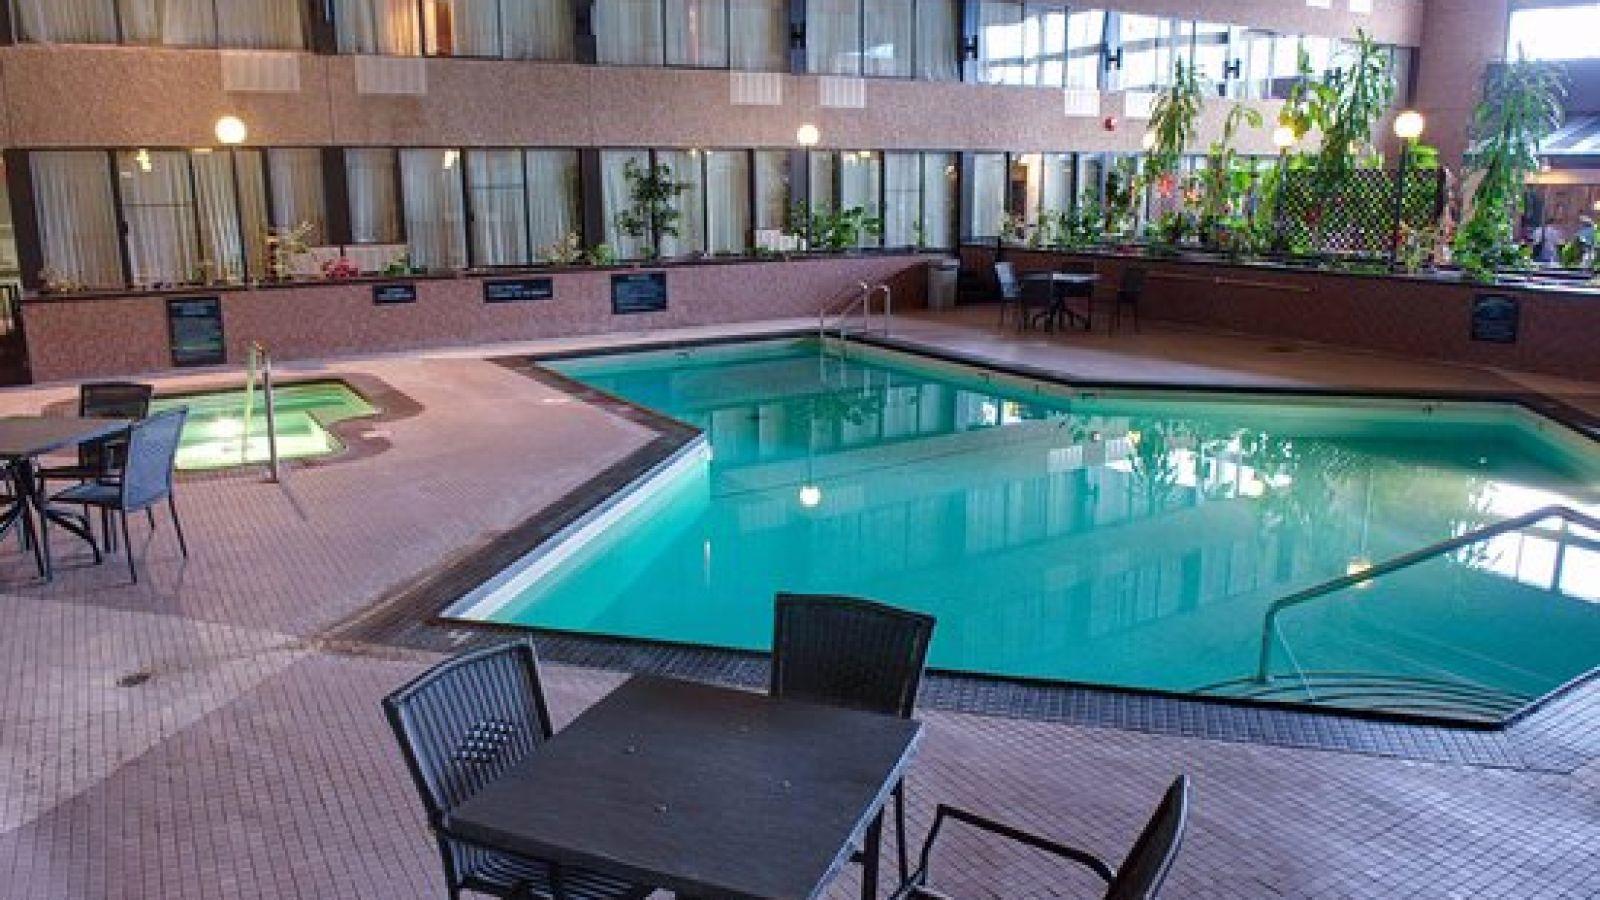 Sandman Hotel Castlegar - East Kootenay BC golf packages